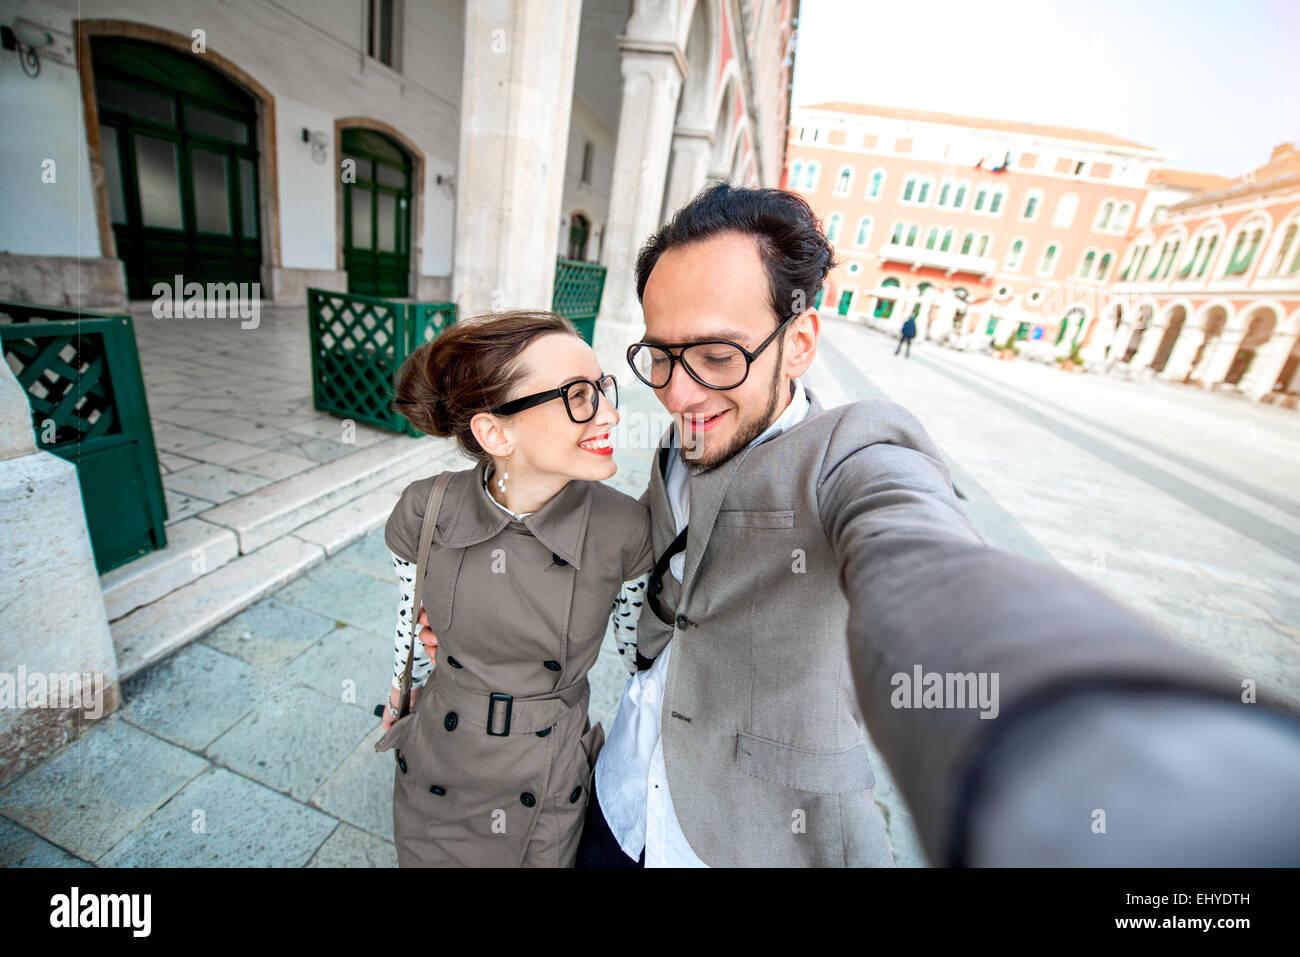 Paar Selfie Aufnahme Stockfoto